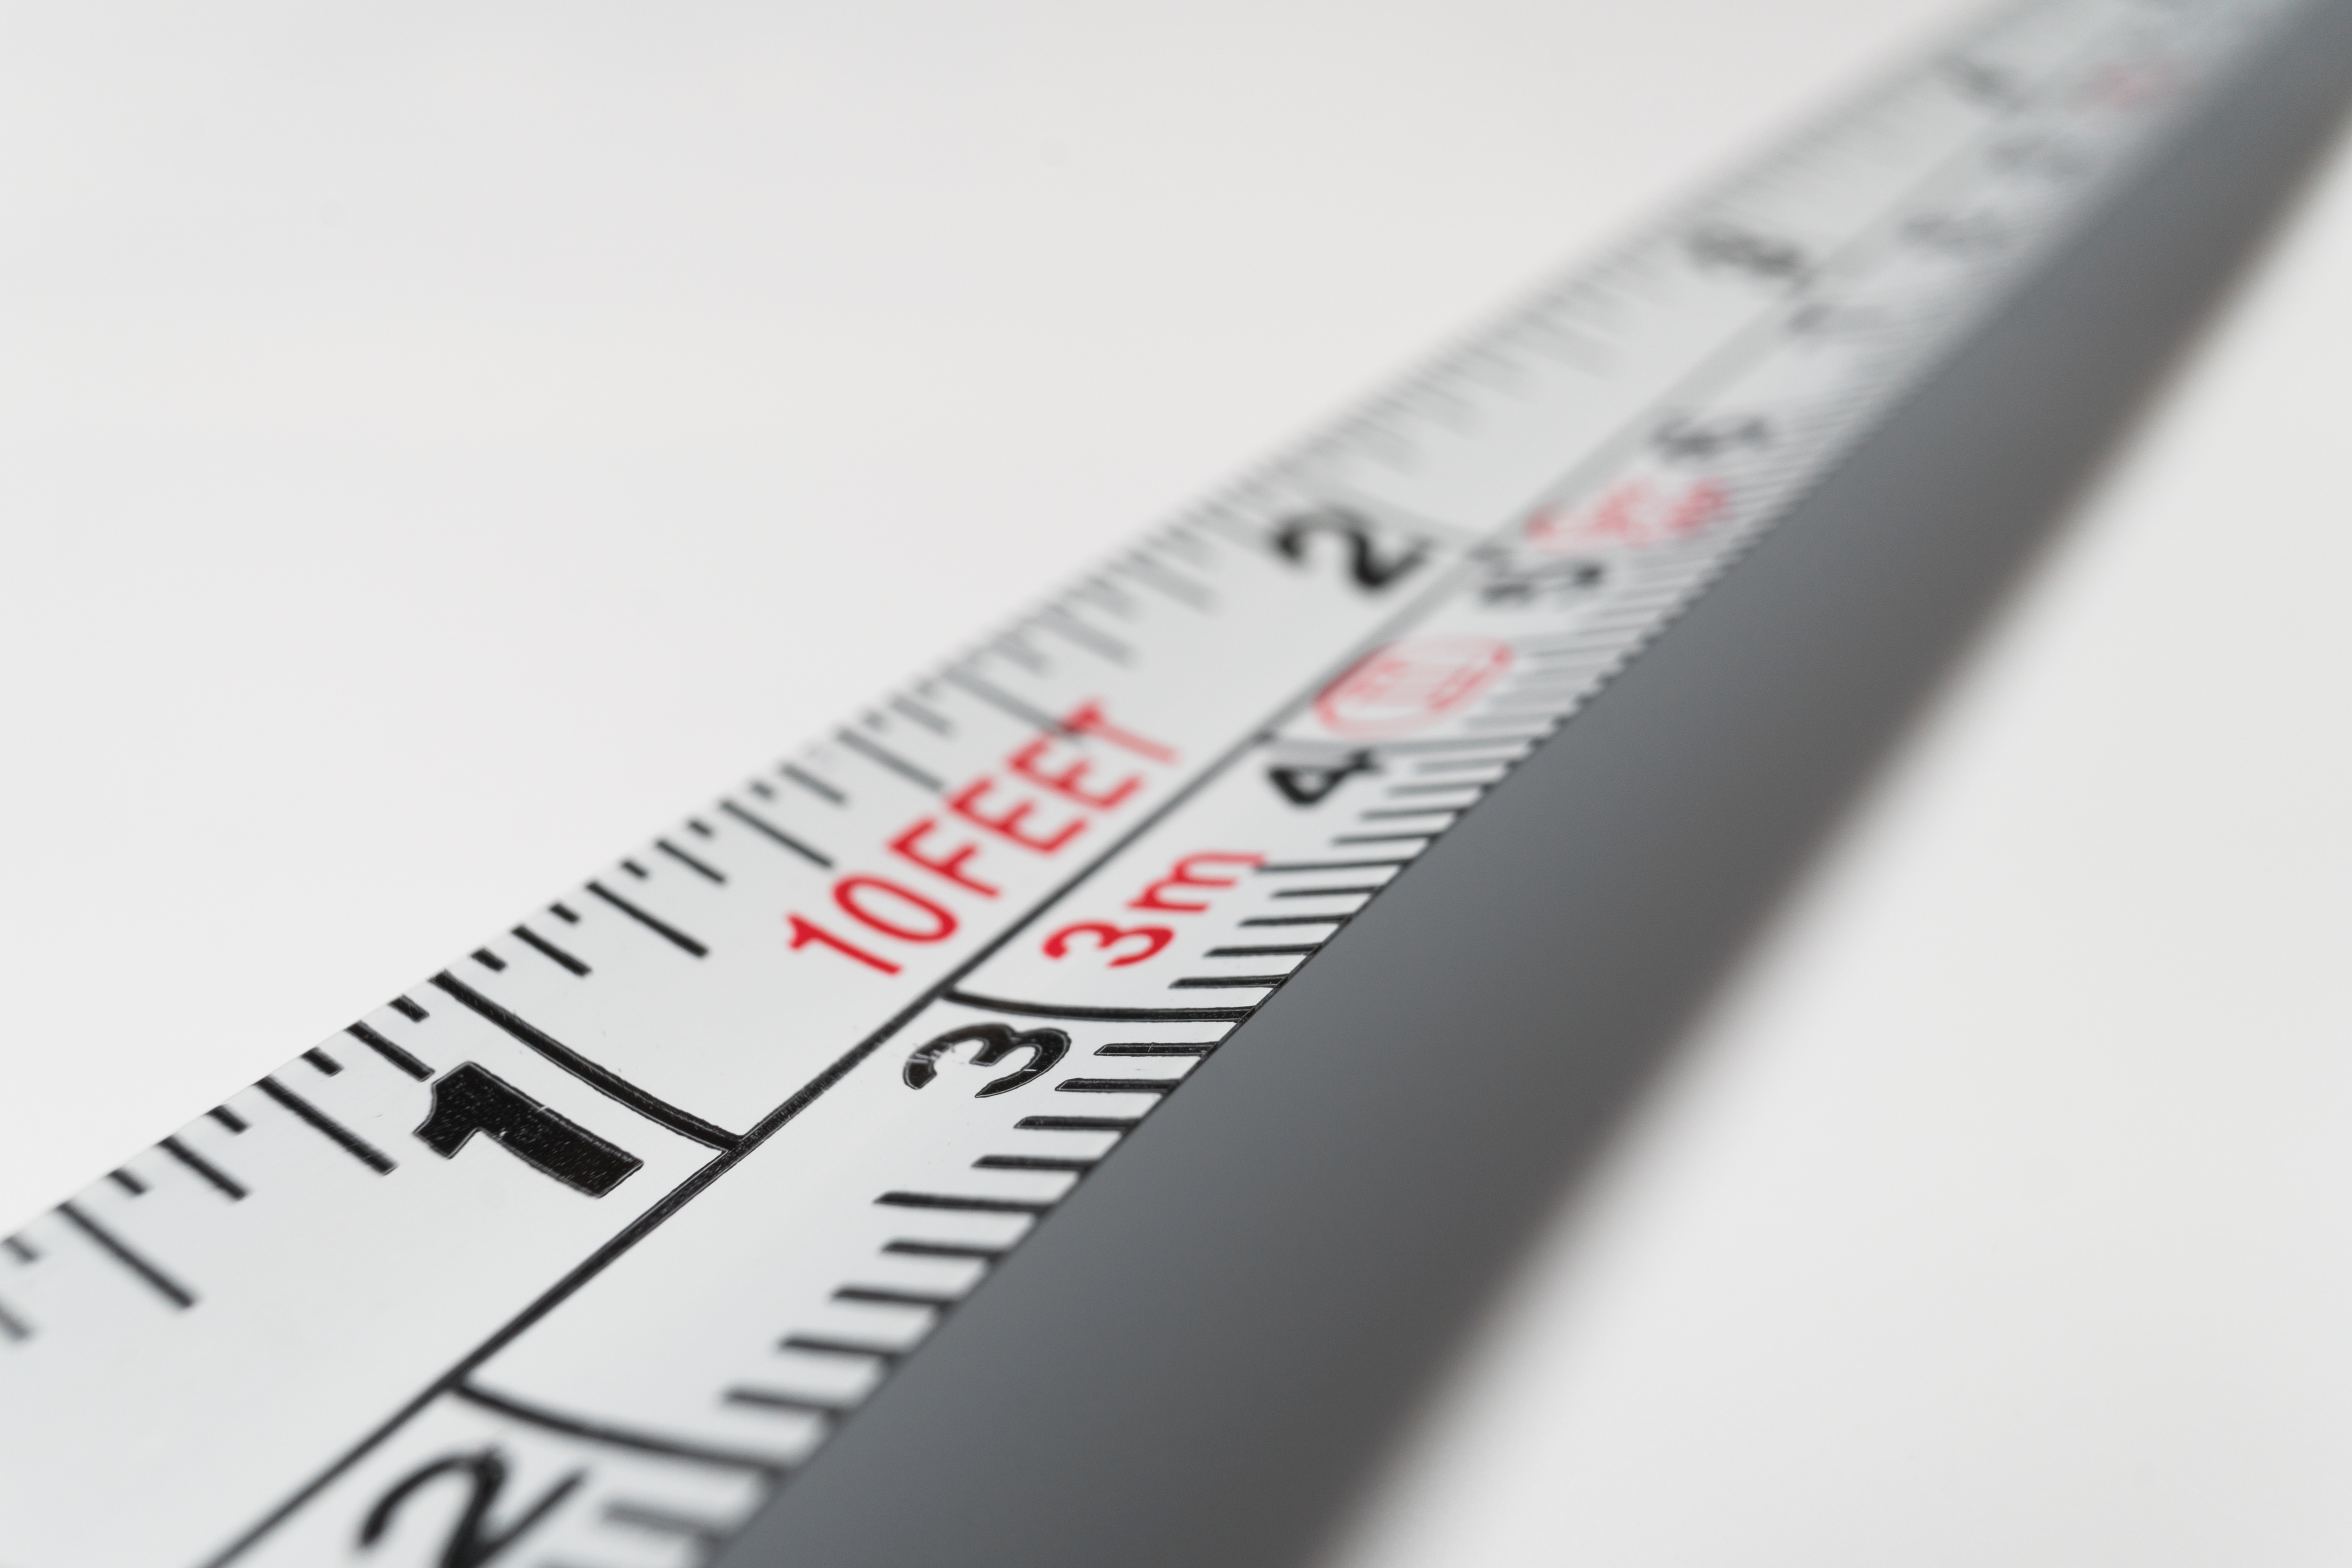 feet-tool-line-distance-meter-foot.jpg